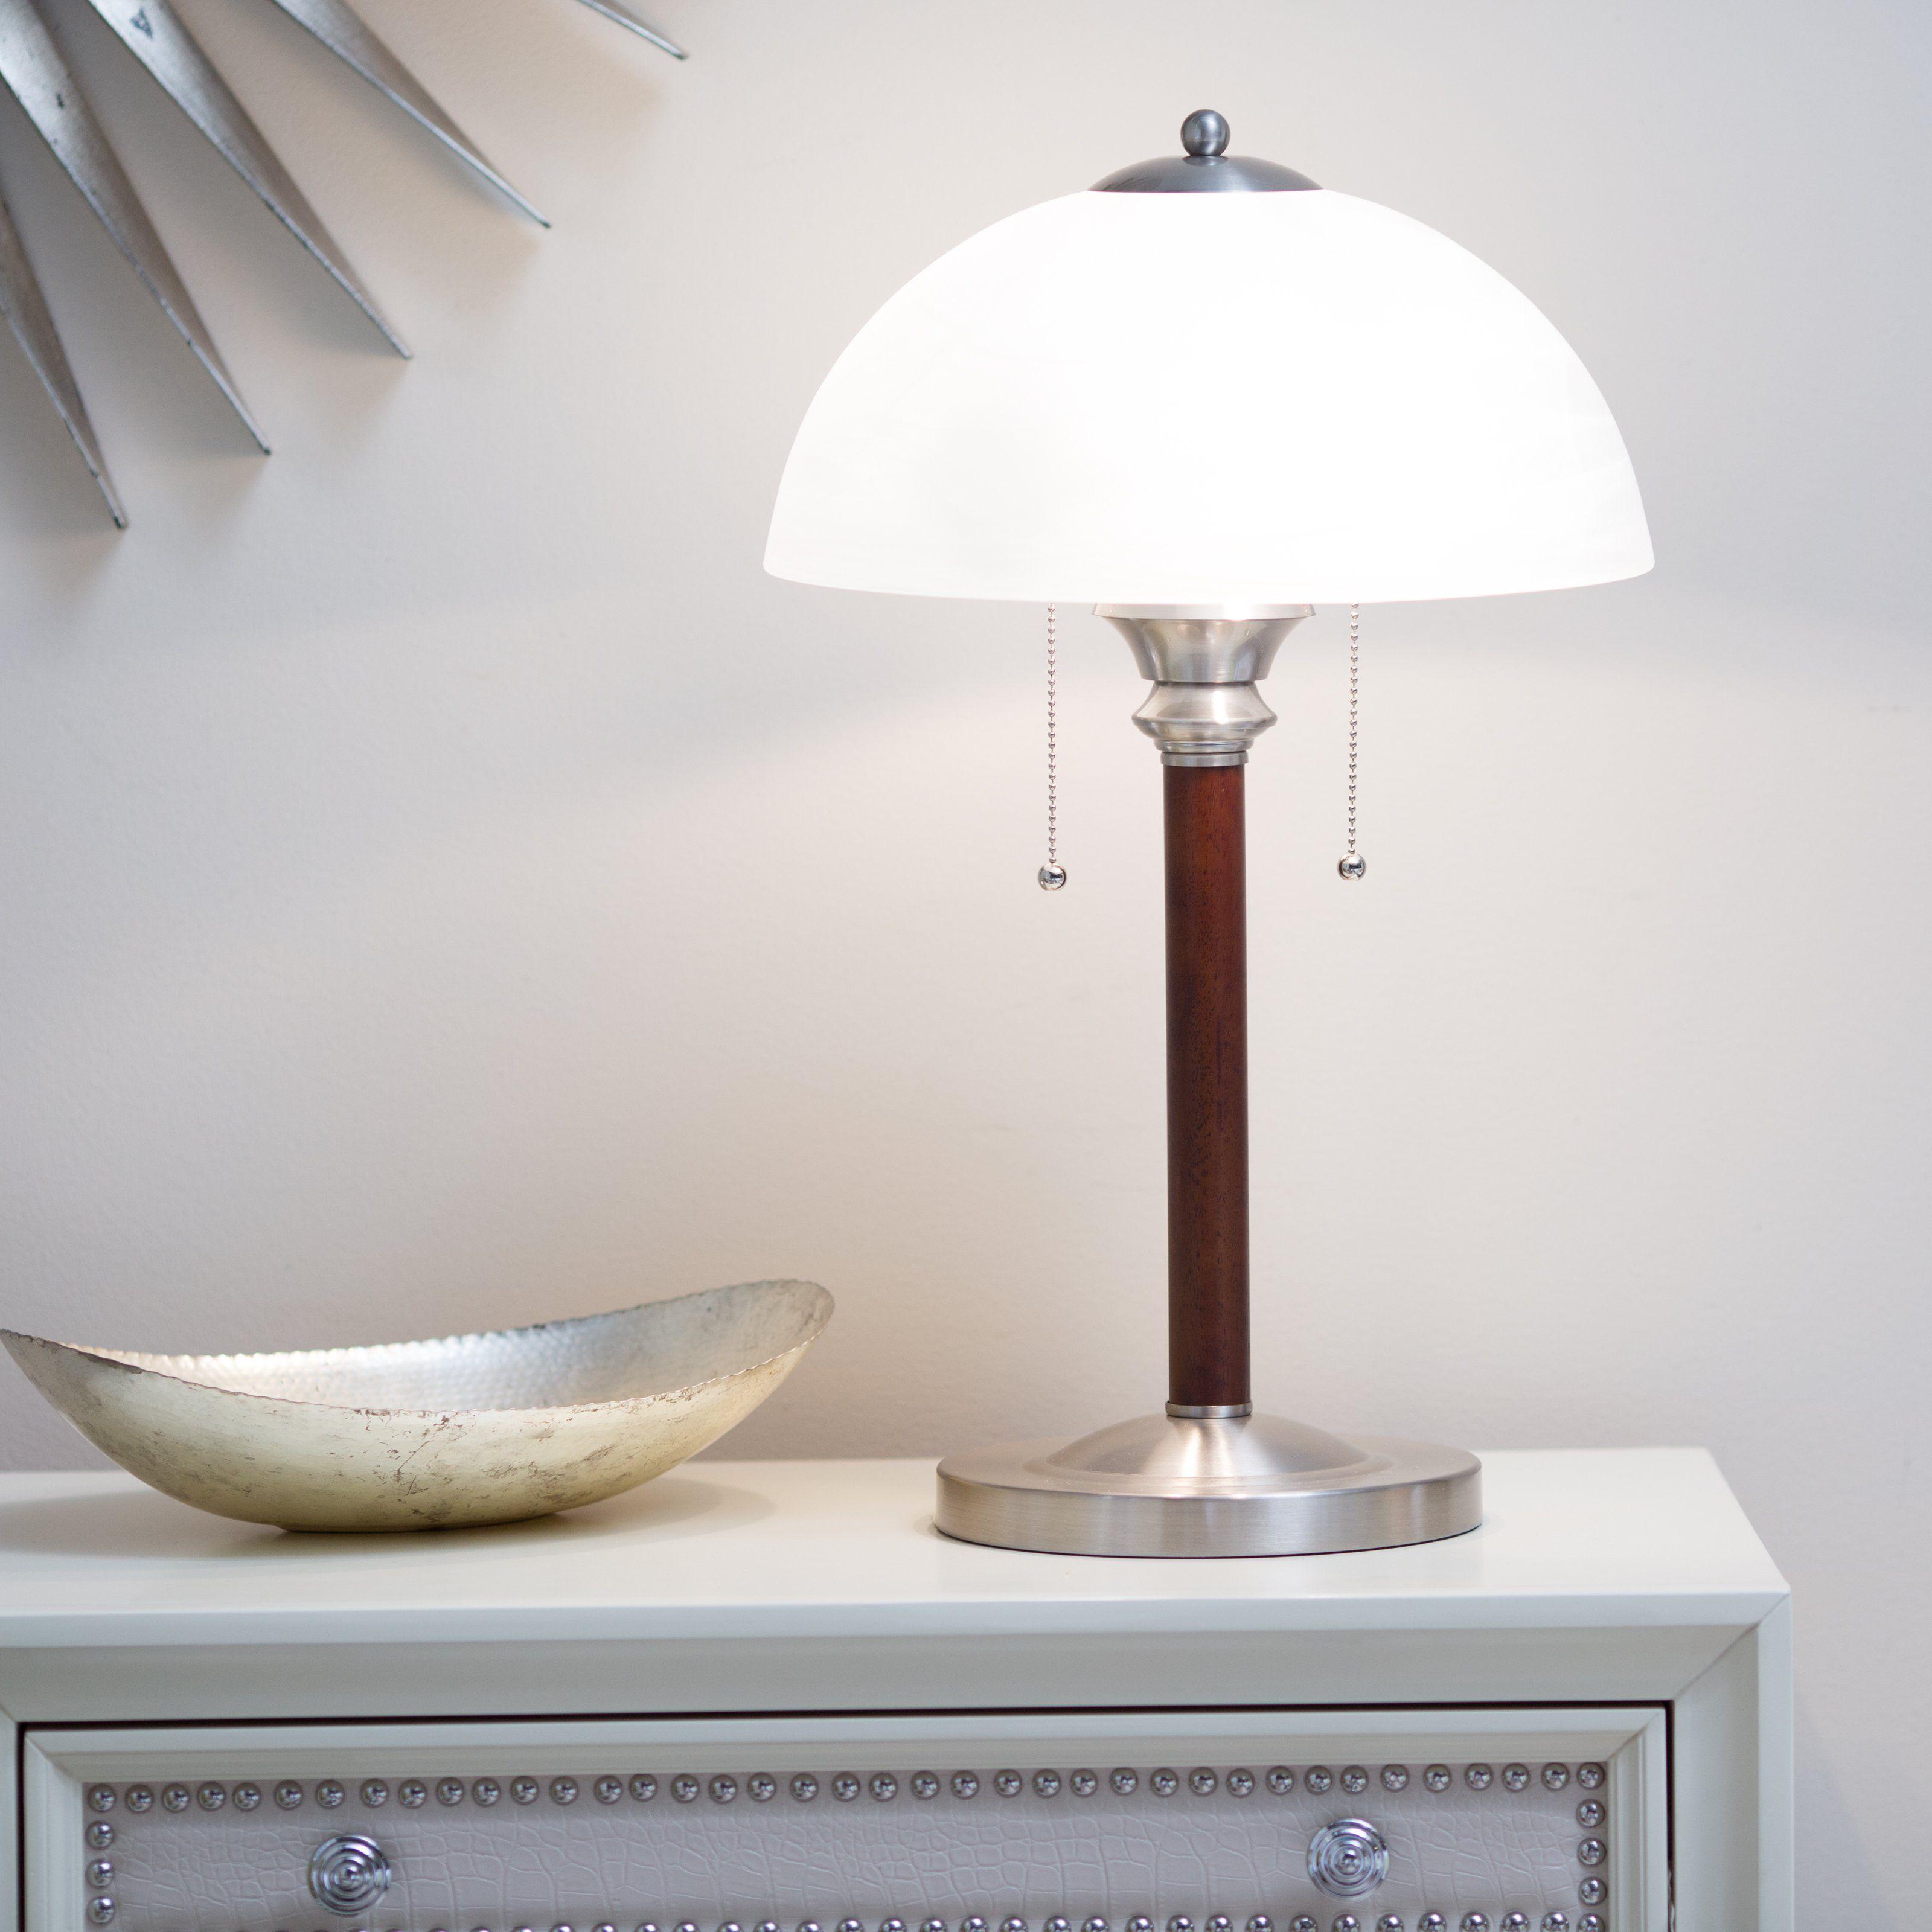 Adesso 405015 Lexington Table Lamp